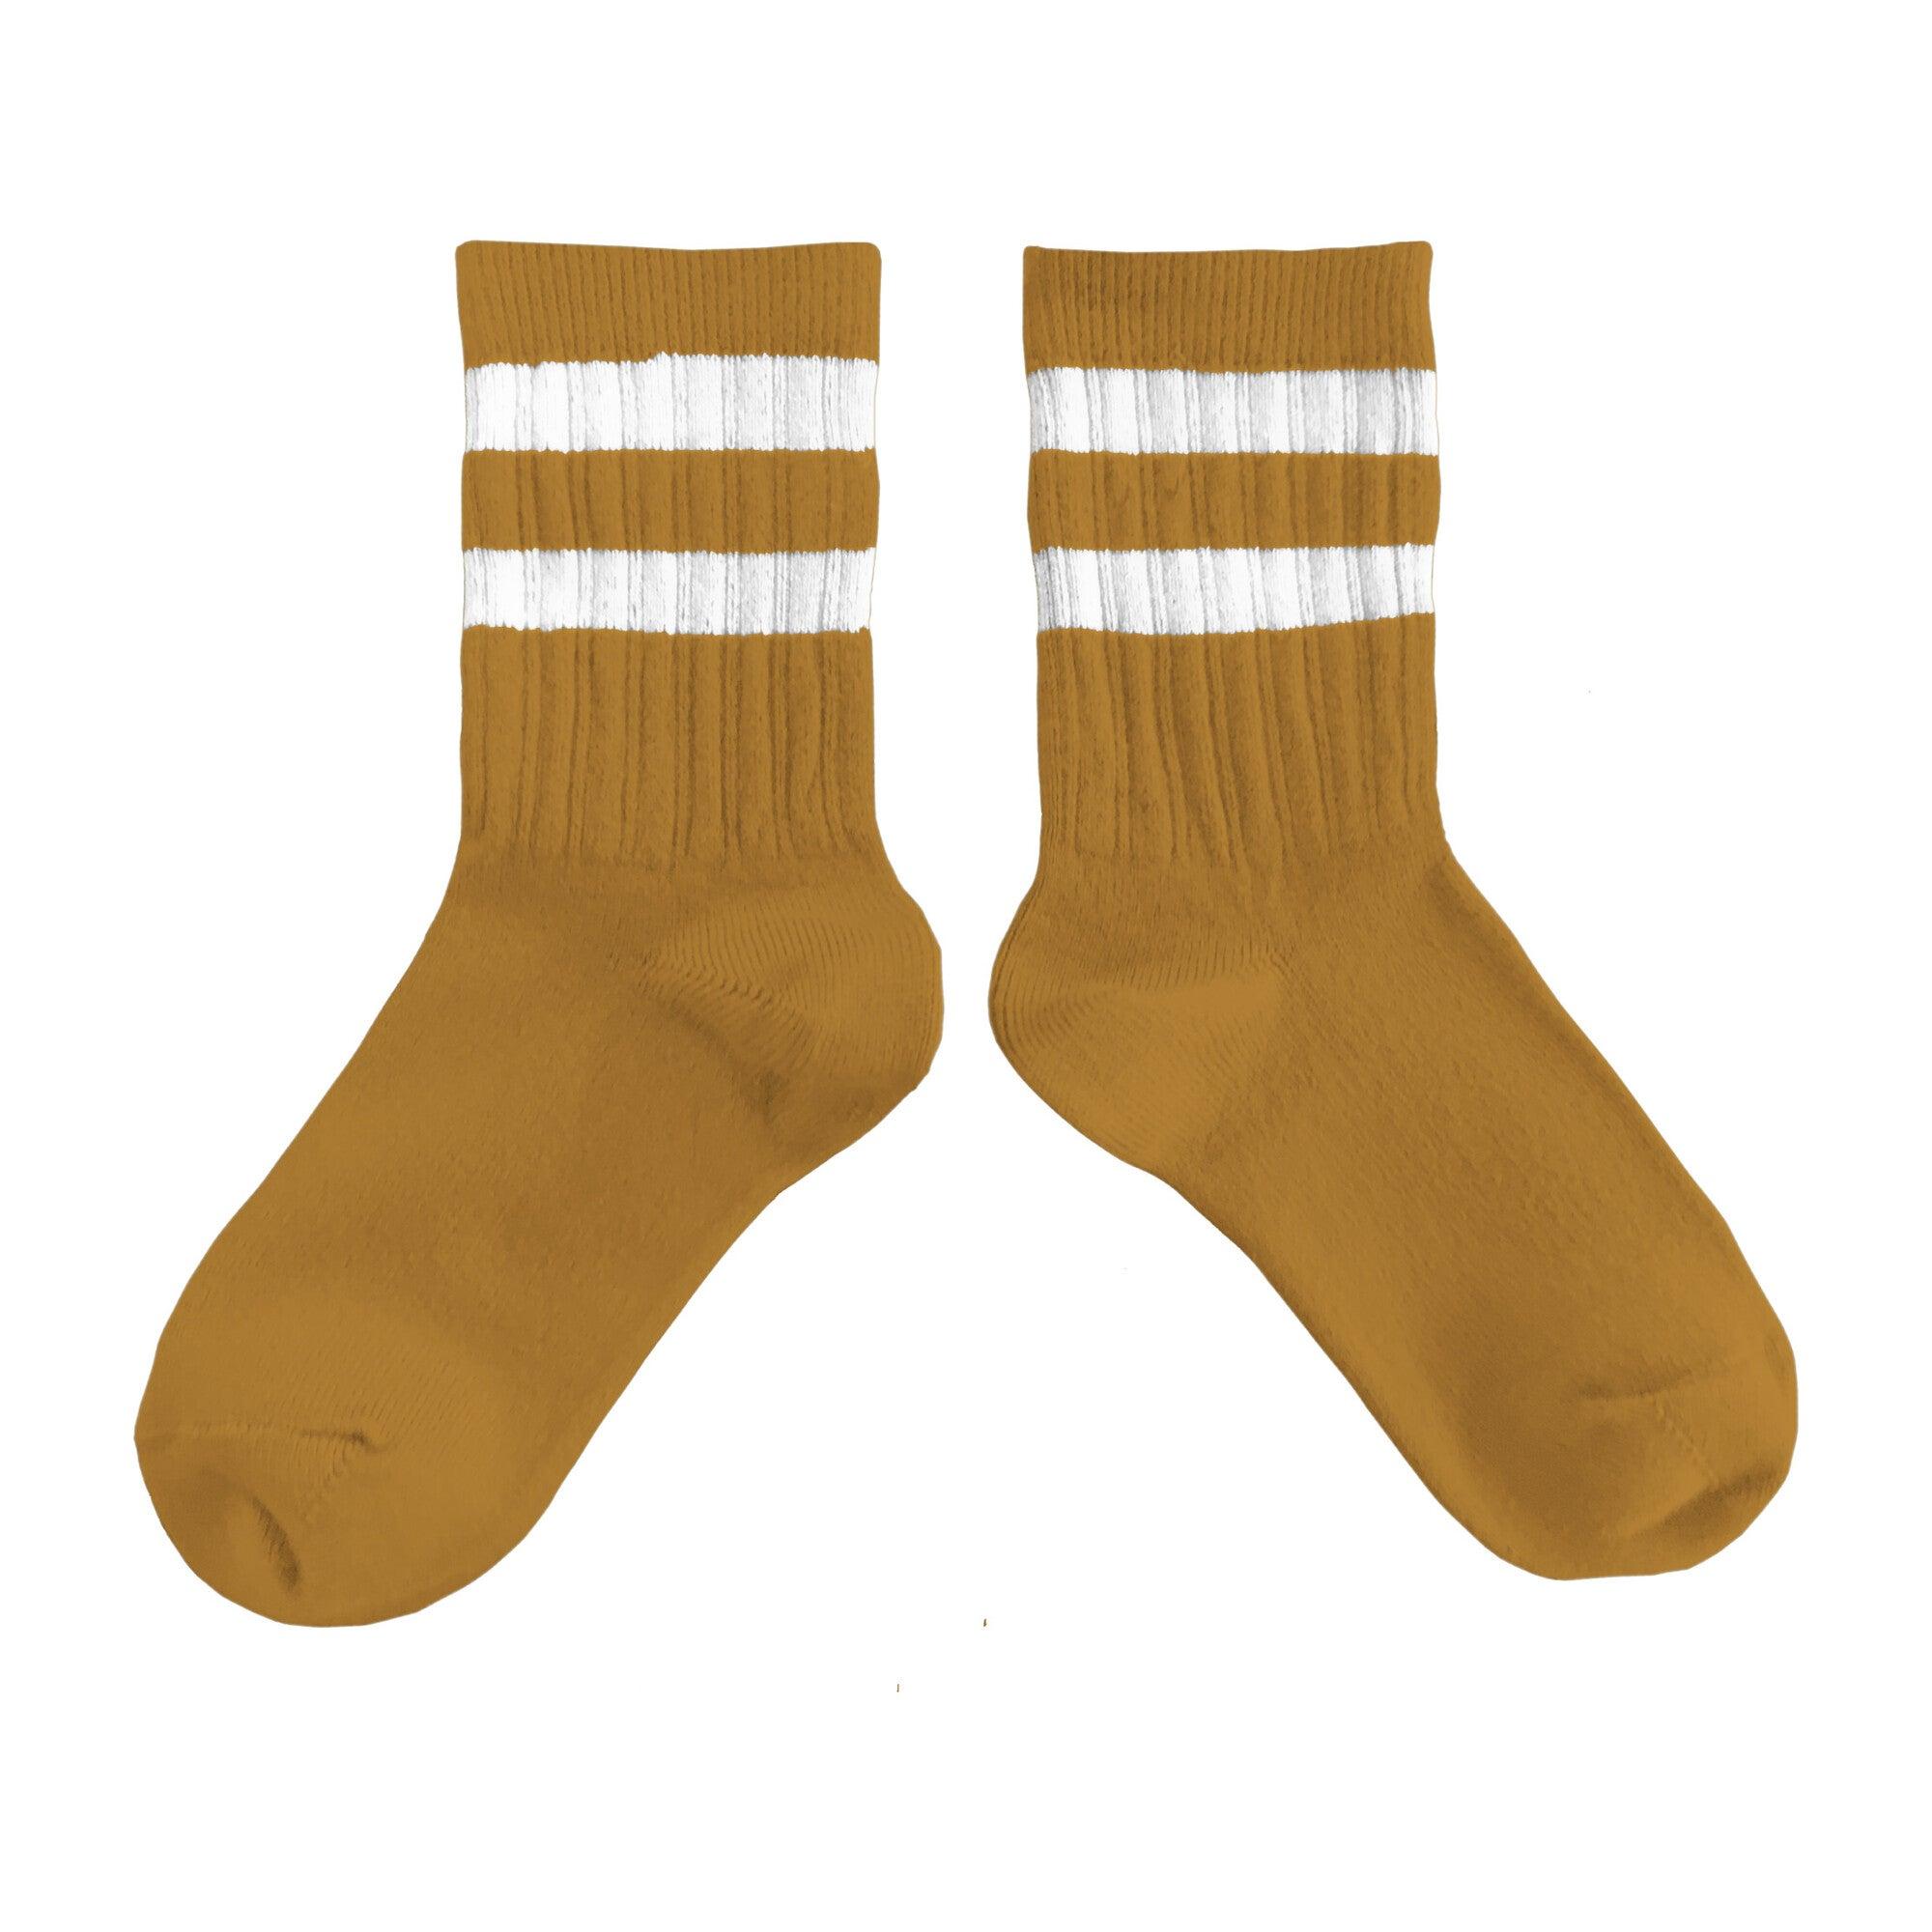 Collégien Varsity Socks, Ochre